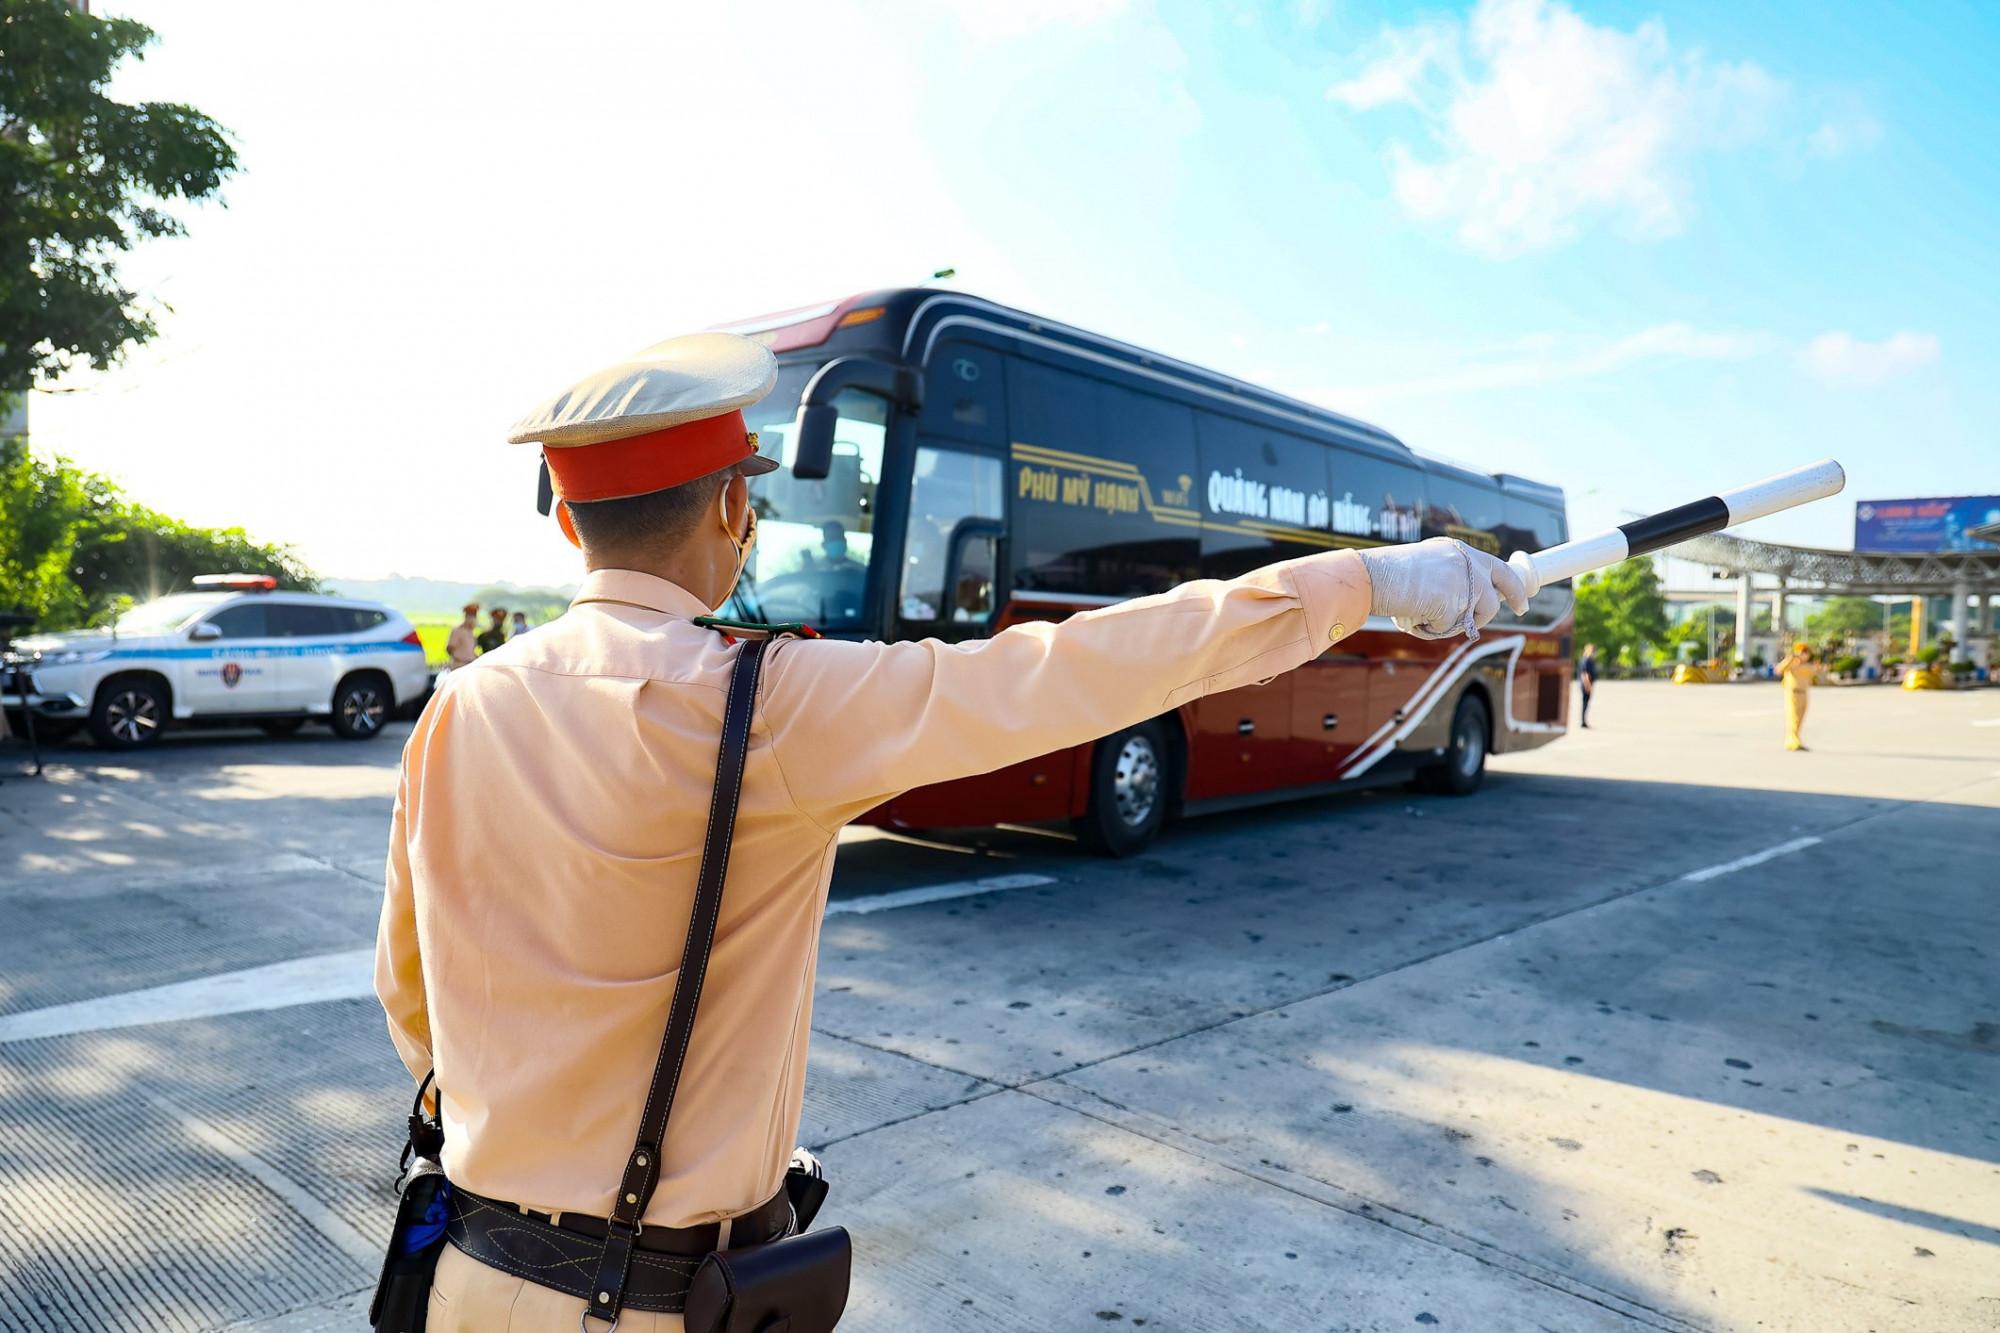 Công an sẽ hướng dẫn phương tiện không đi qua Hà Nội.